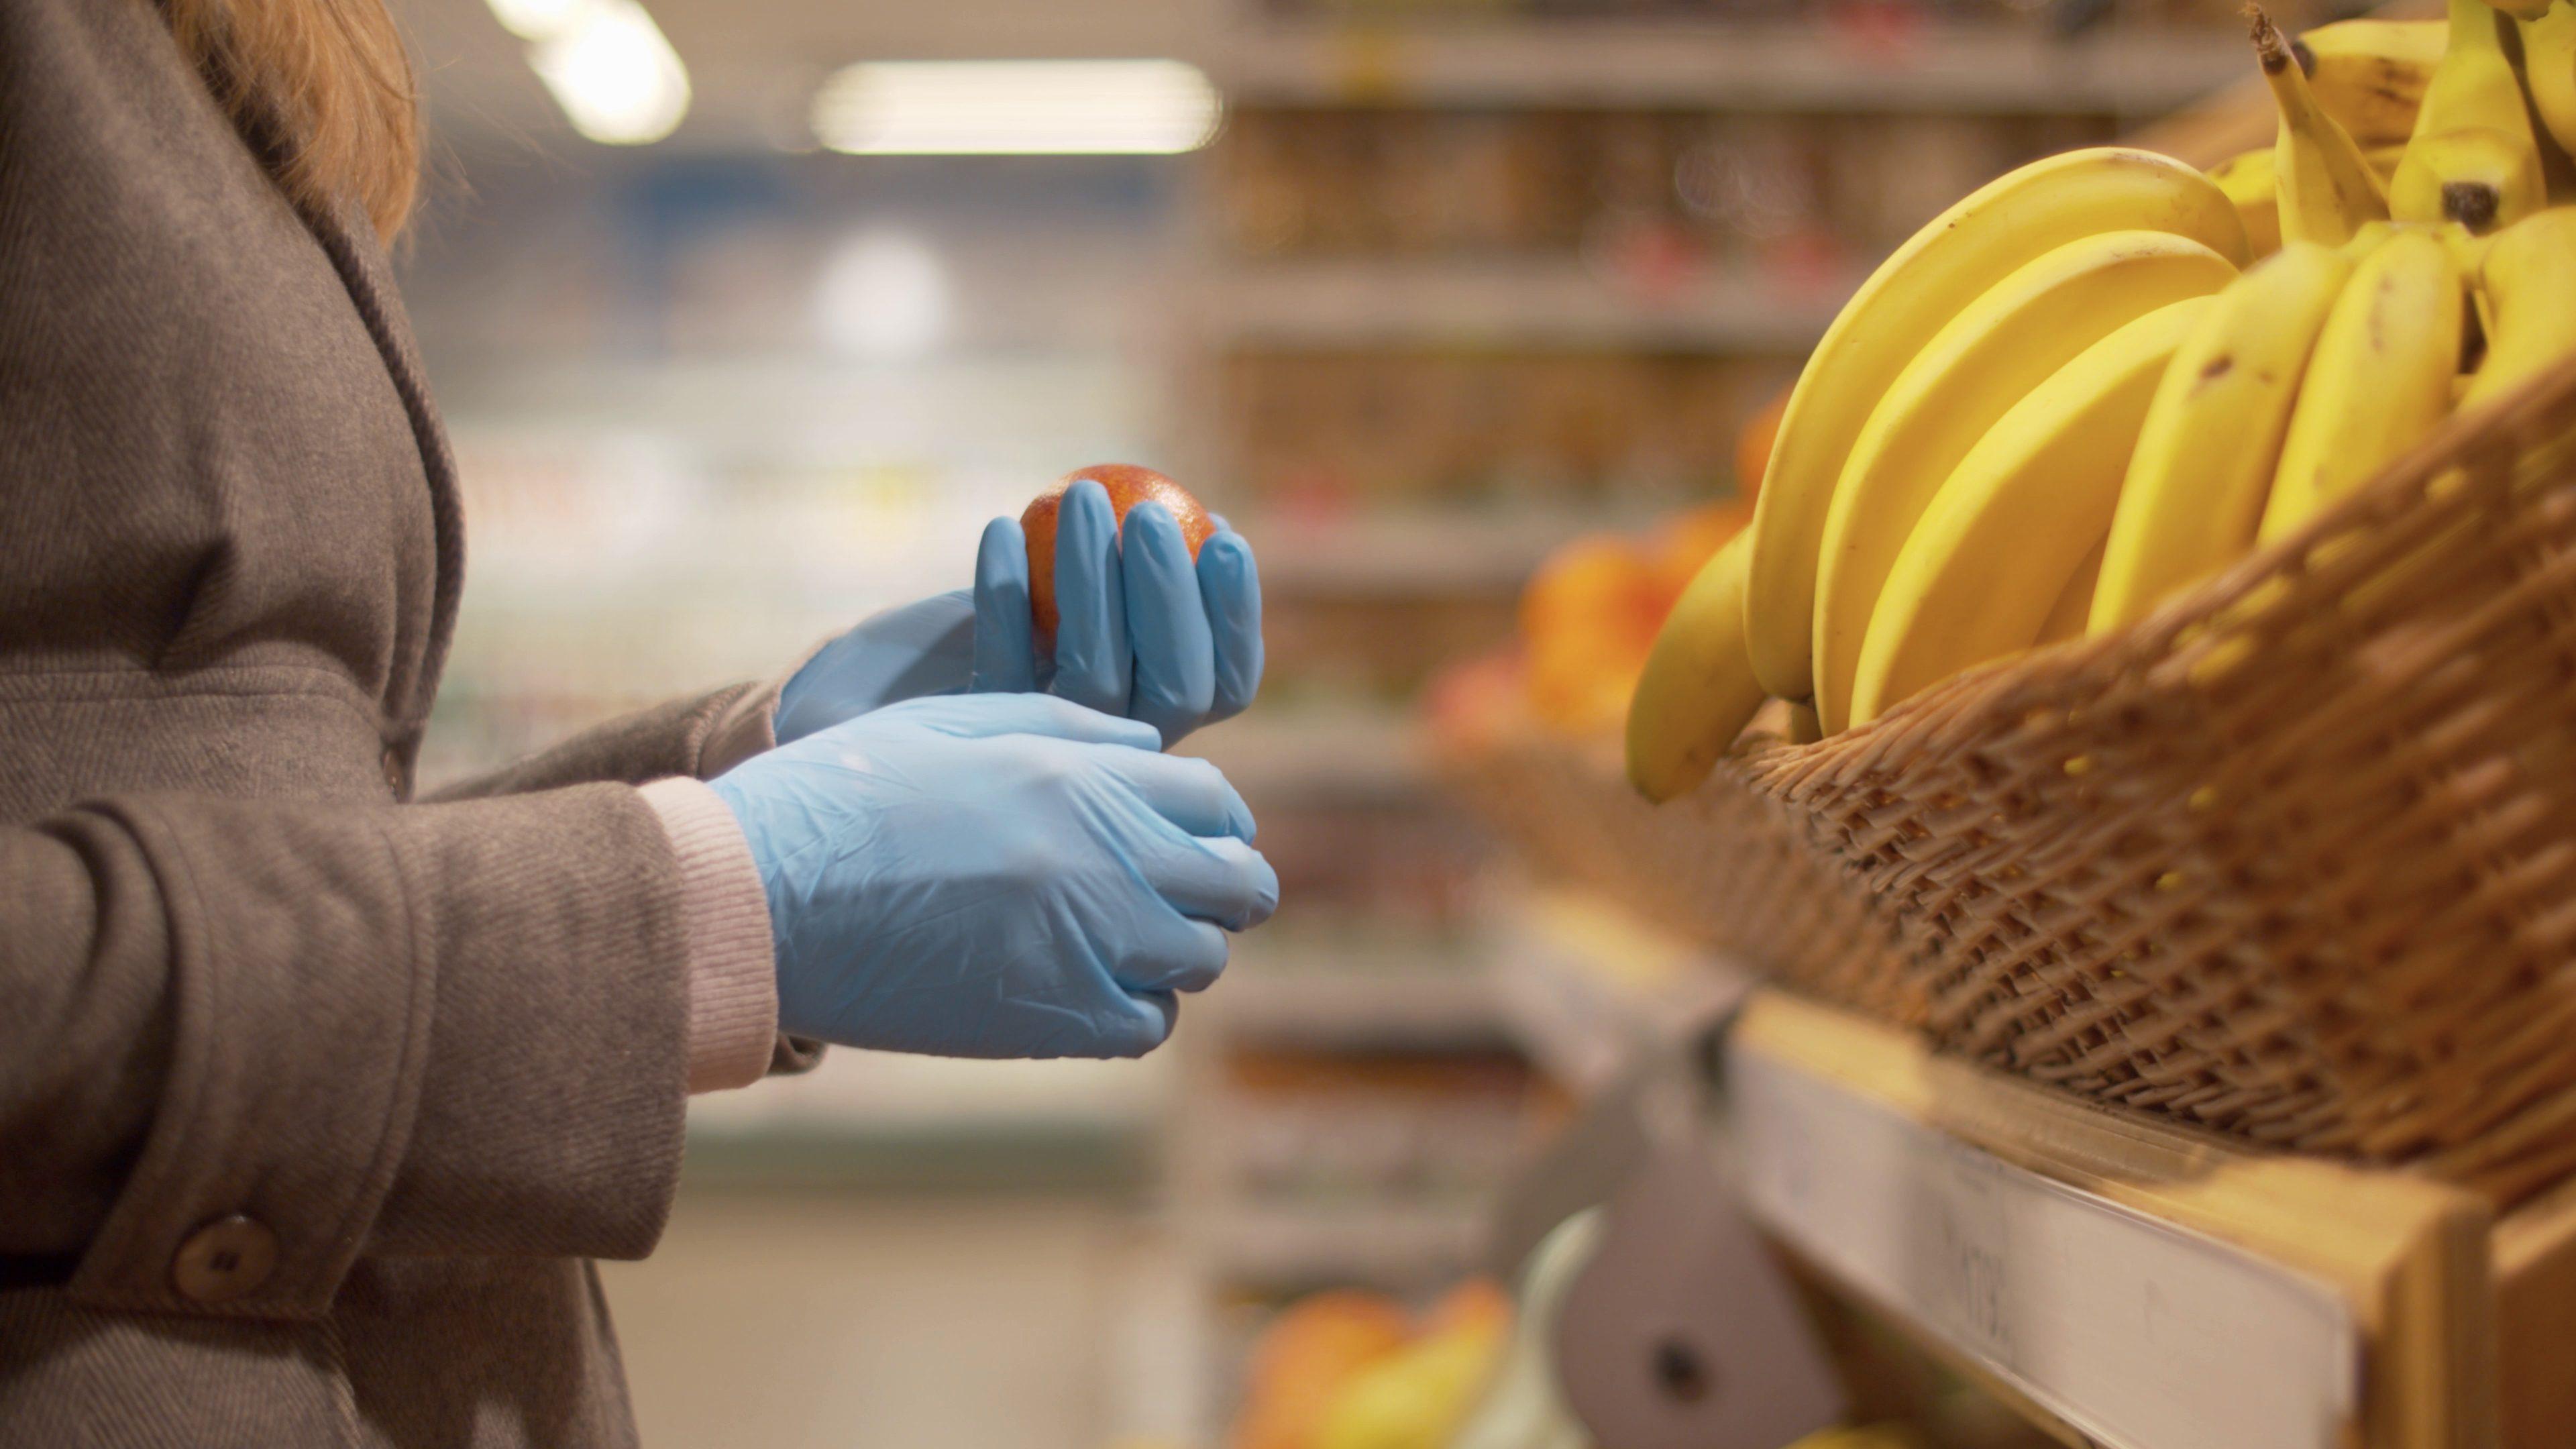 Niente guanti per fare la spesa, sì alla mascherina: le nuove disposizioni dell'OMS